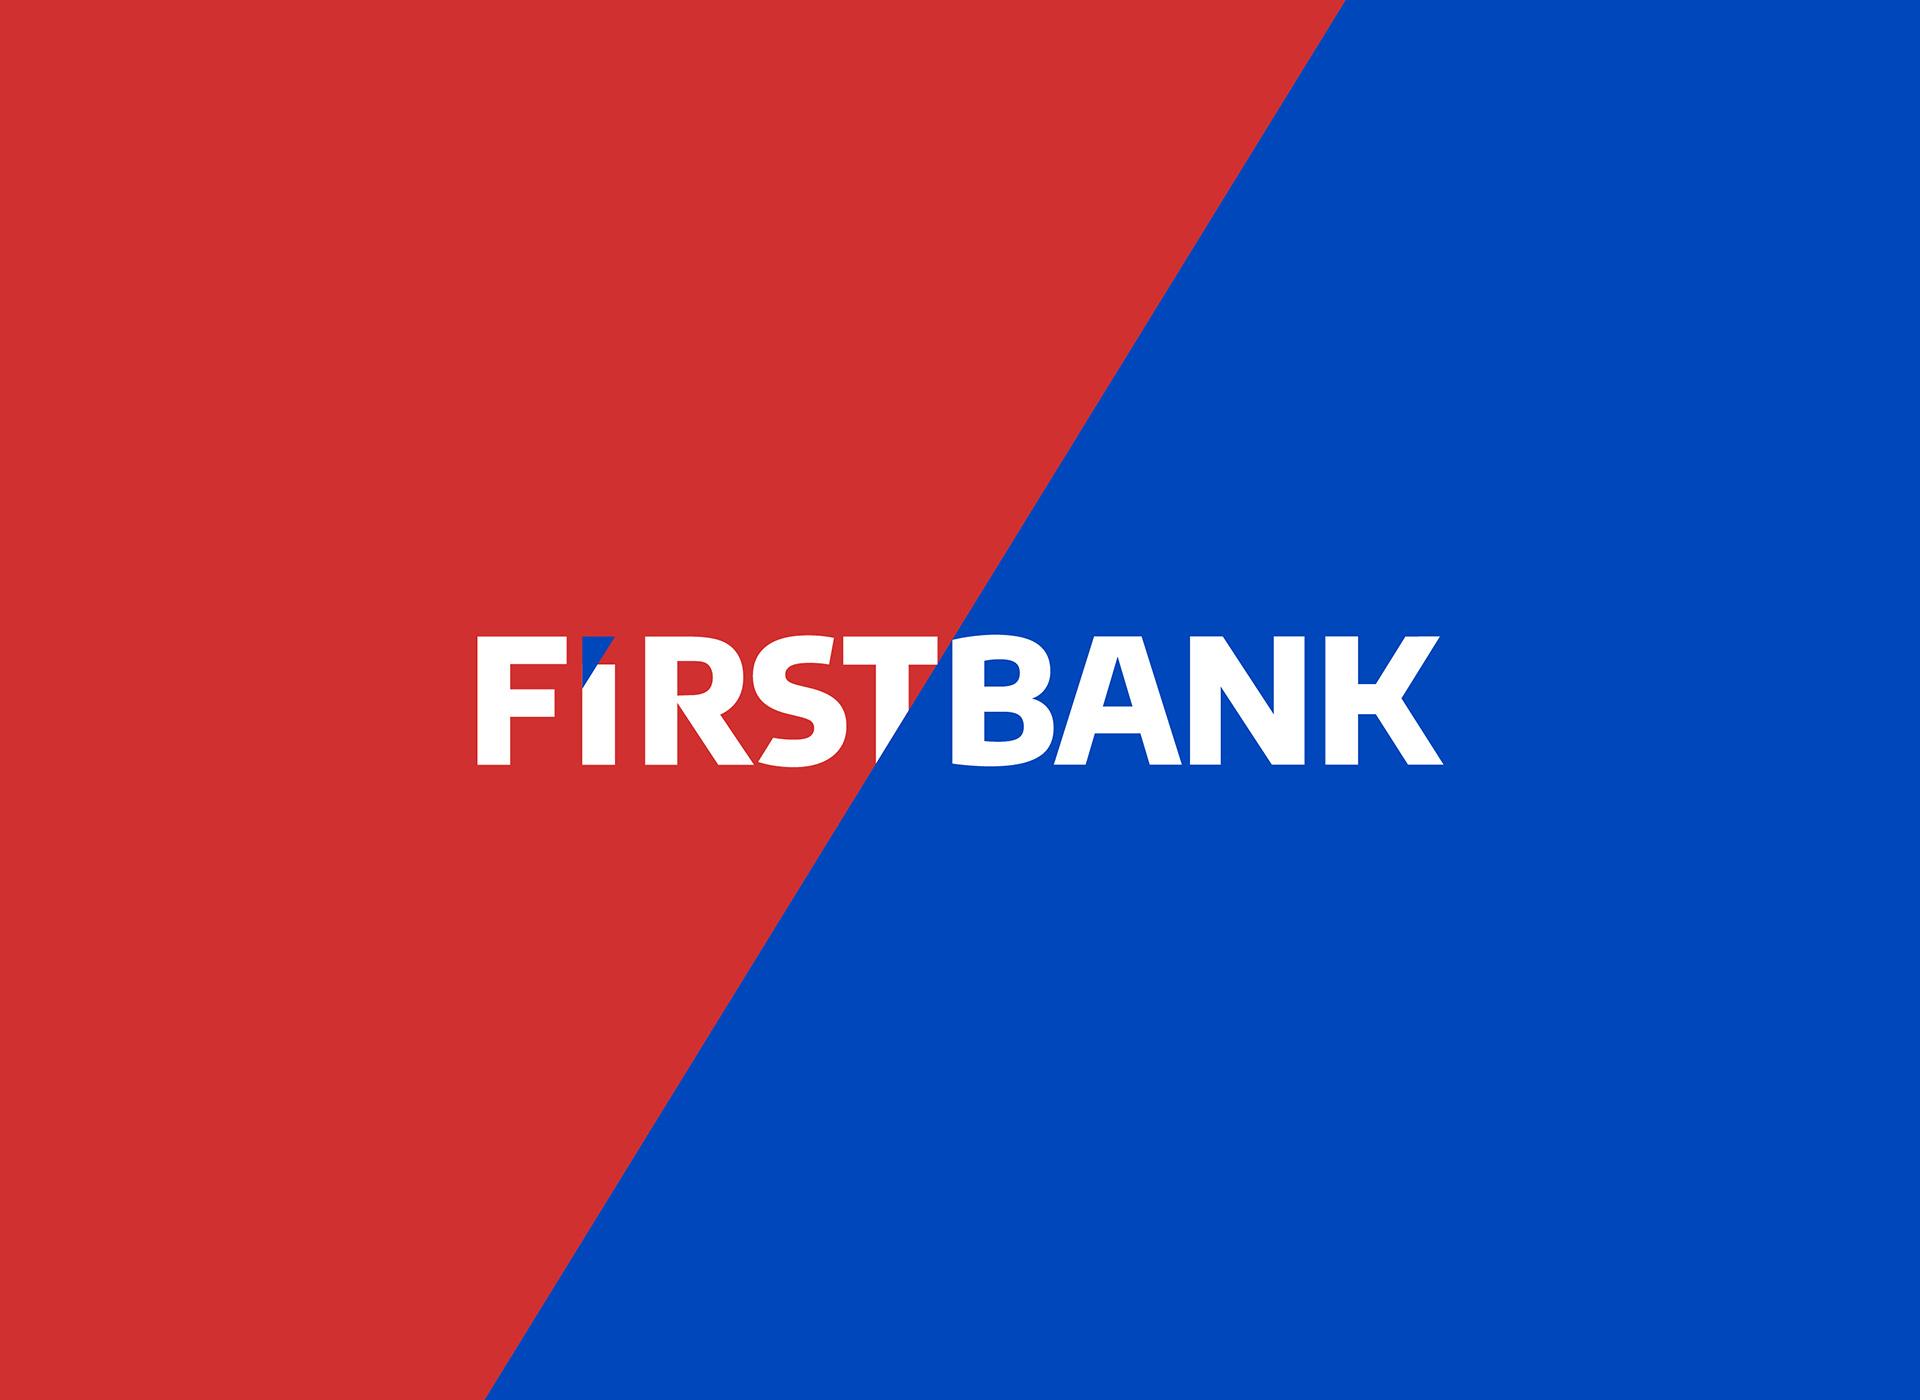 First Bank face un nou pas către digitalizare împreună cu certSIGN